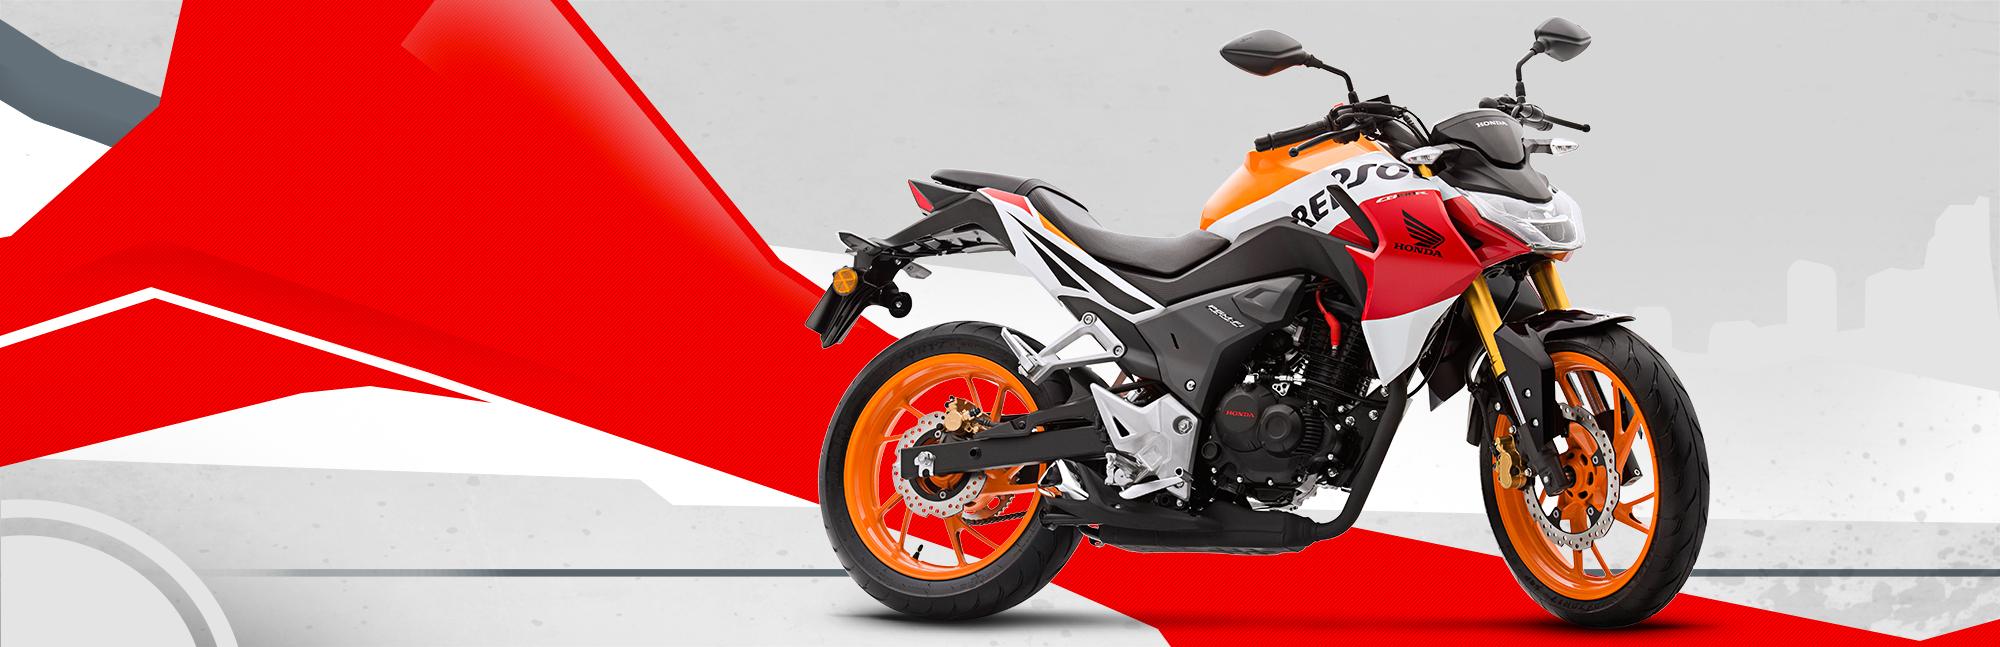 motos honda costa rica cbr repsol